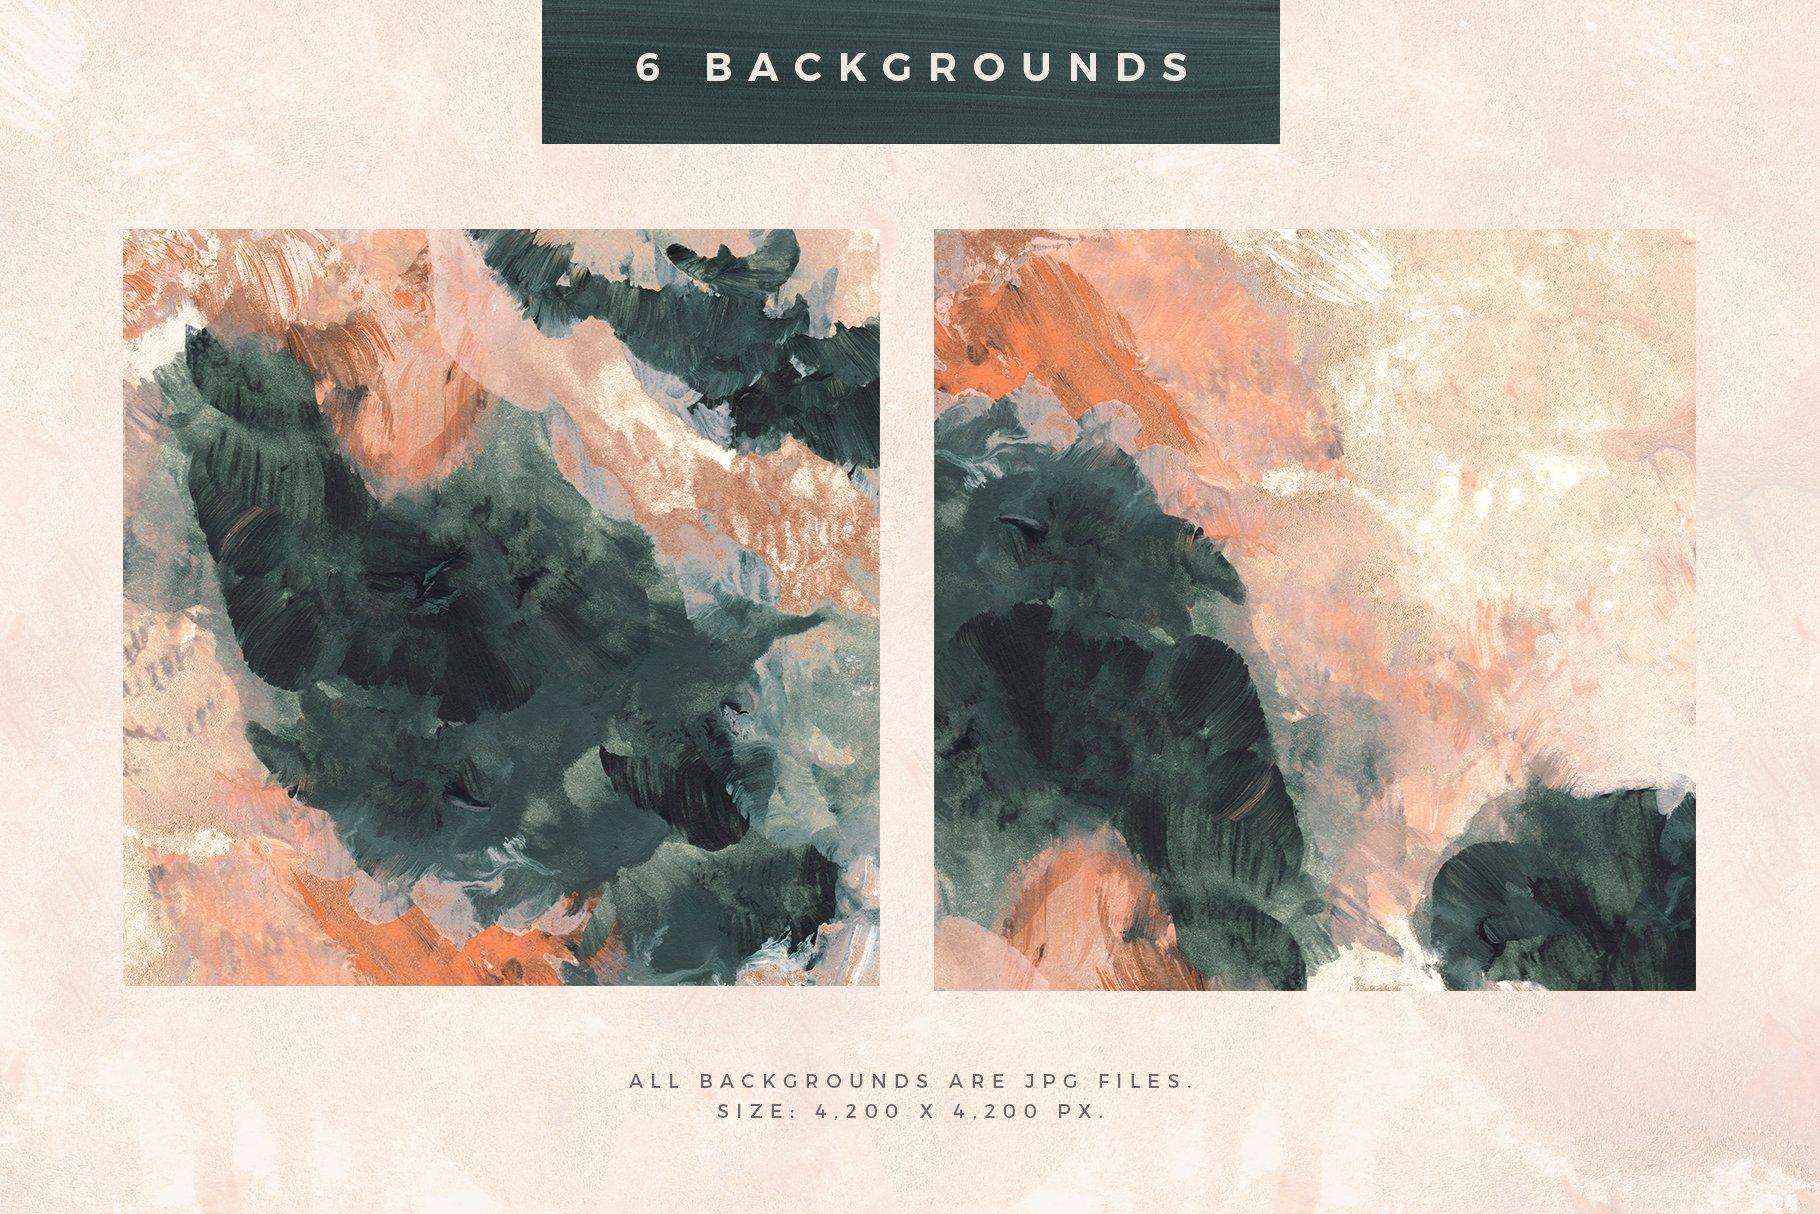 [淘宝购买] 时尚优雅抽象多彩丙烯酸颜料笔刷肌理背景PNG图片素材 Painterly Shapes & Backgrounds插图(1)